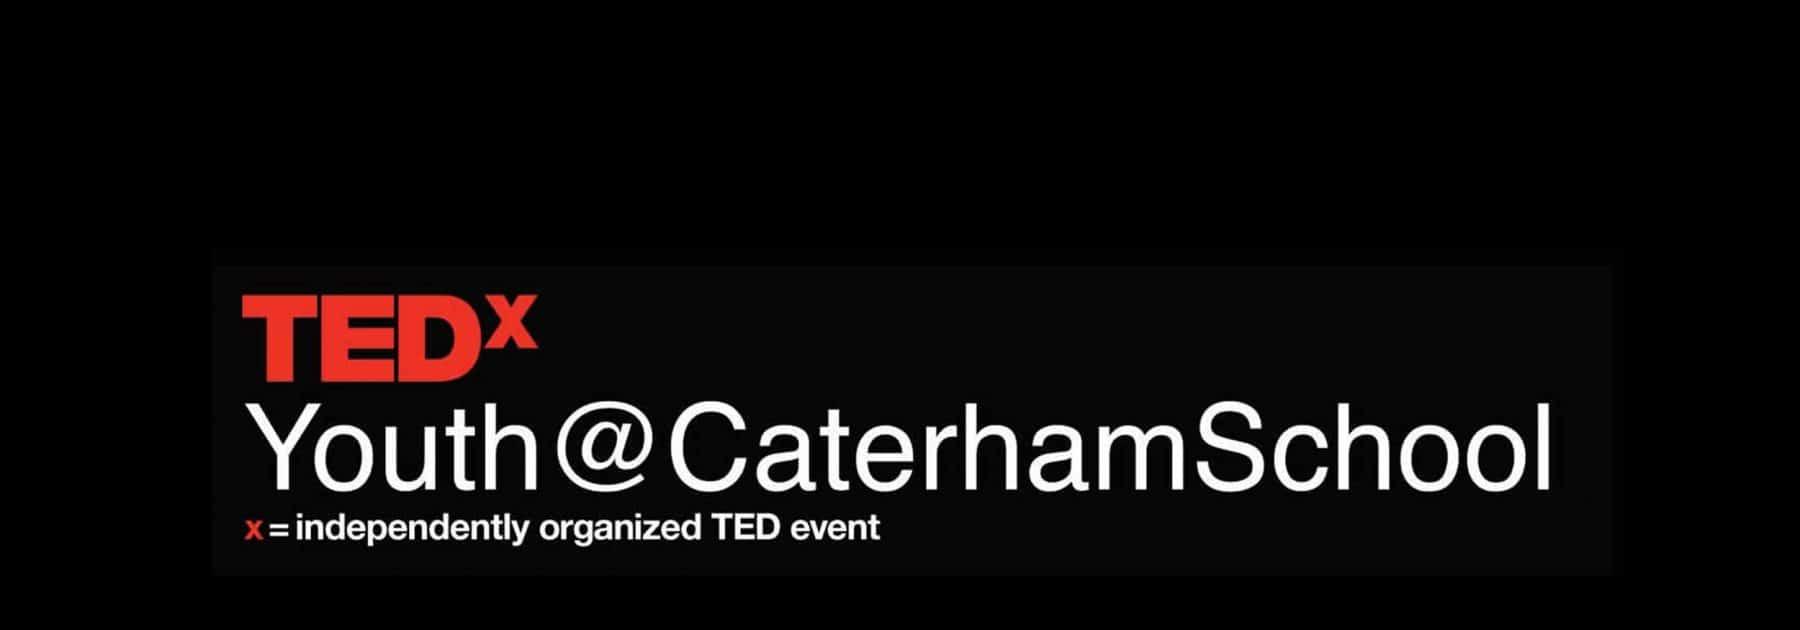 TEDx 2021 Programme